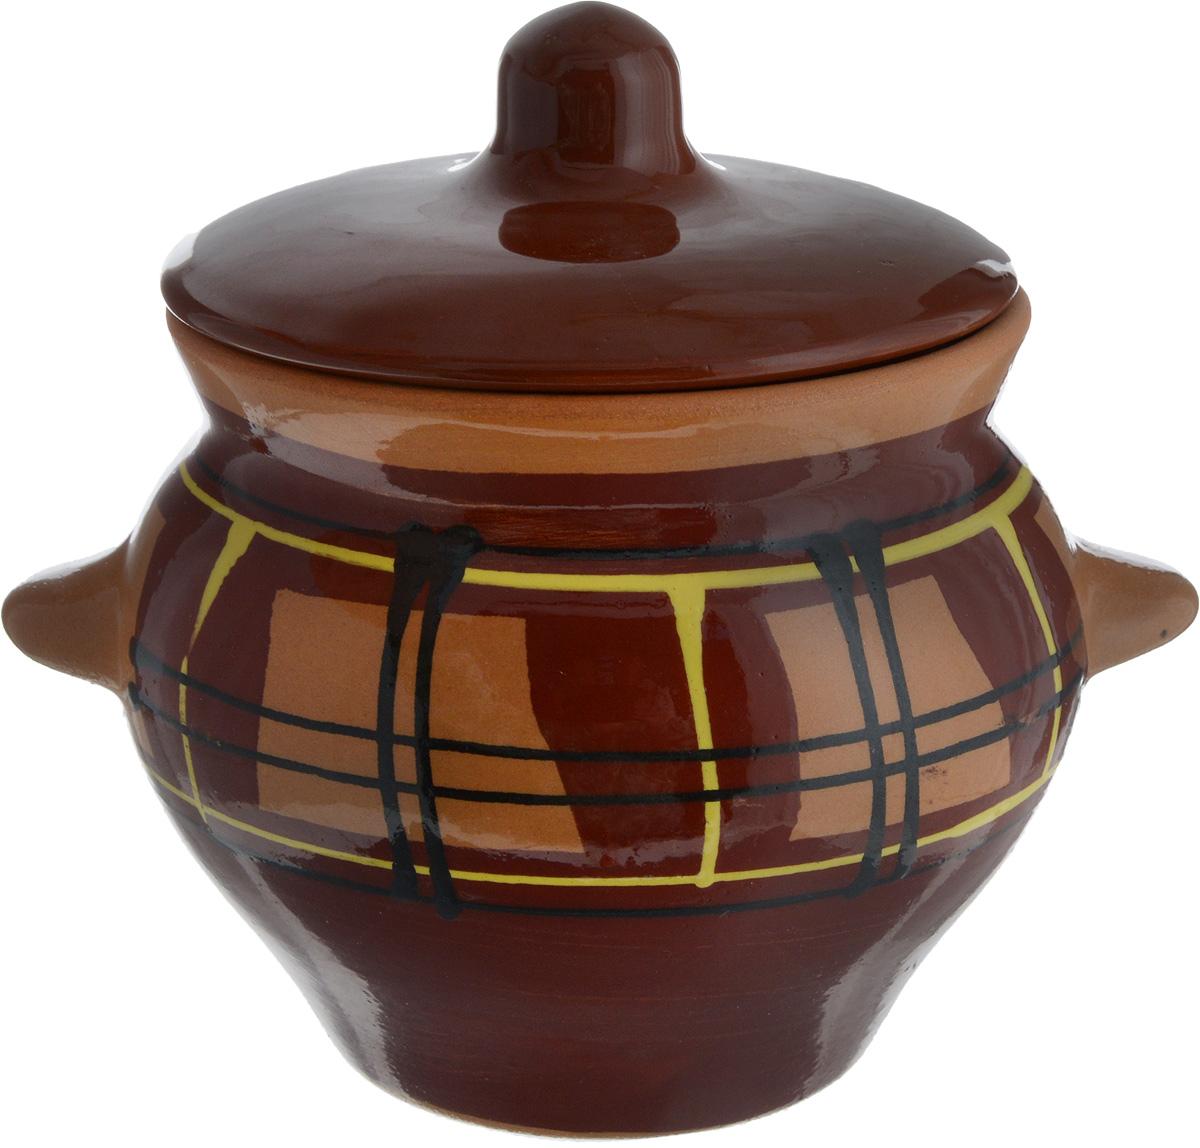 Горшок для жаркого Борисовская керамика Cтандарт, цвет: коричневый, желтый, черный, 500 млОБЧ00000338_коричневый, желтый, черныйГоршок для жаркого Борисовская керамика Стандарт выполнен из высококачественной керамики. Керамика абсолютно безопасна, поэтому изделие придется по вкусу любителям здоровой и полезной пищи. Горшок для запекания с крышкой очень вместителен и имеет удобную форму. Идеально подходит для одной порции. Уникальные свойства красной глины и толстые стенки изделия обеспечивают эффект русской печи при приготовлении блюд. Это значит, что еда будет очень вкусной, сочной и здоровой.Посуда жаропрочная. Можно использовать в духовке и микроволновой печи.Диаметр горшочка (по верхнему краю): 9,5 см. Высота горшочка (без учета крышки): 9,5 см.